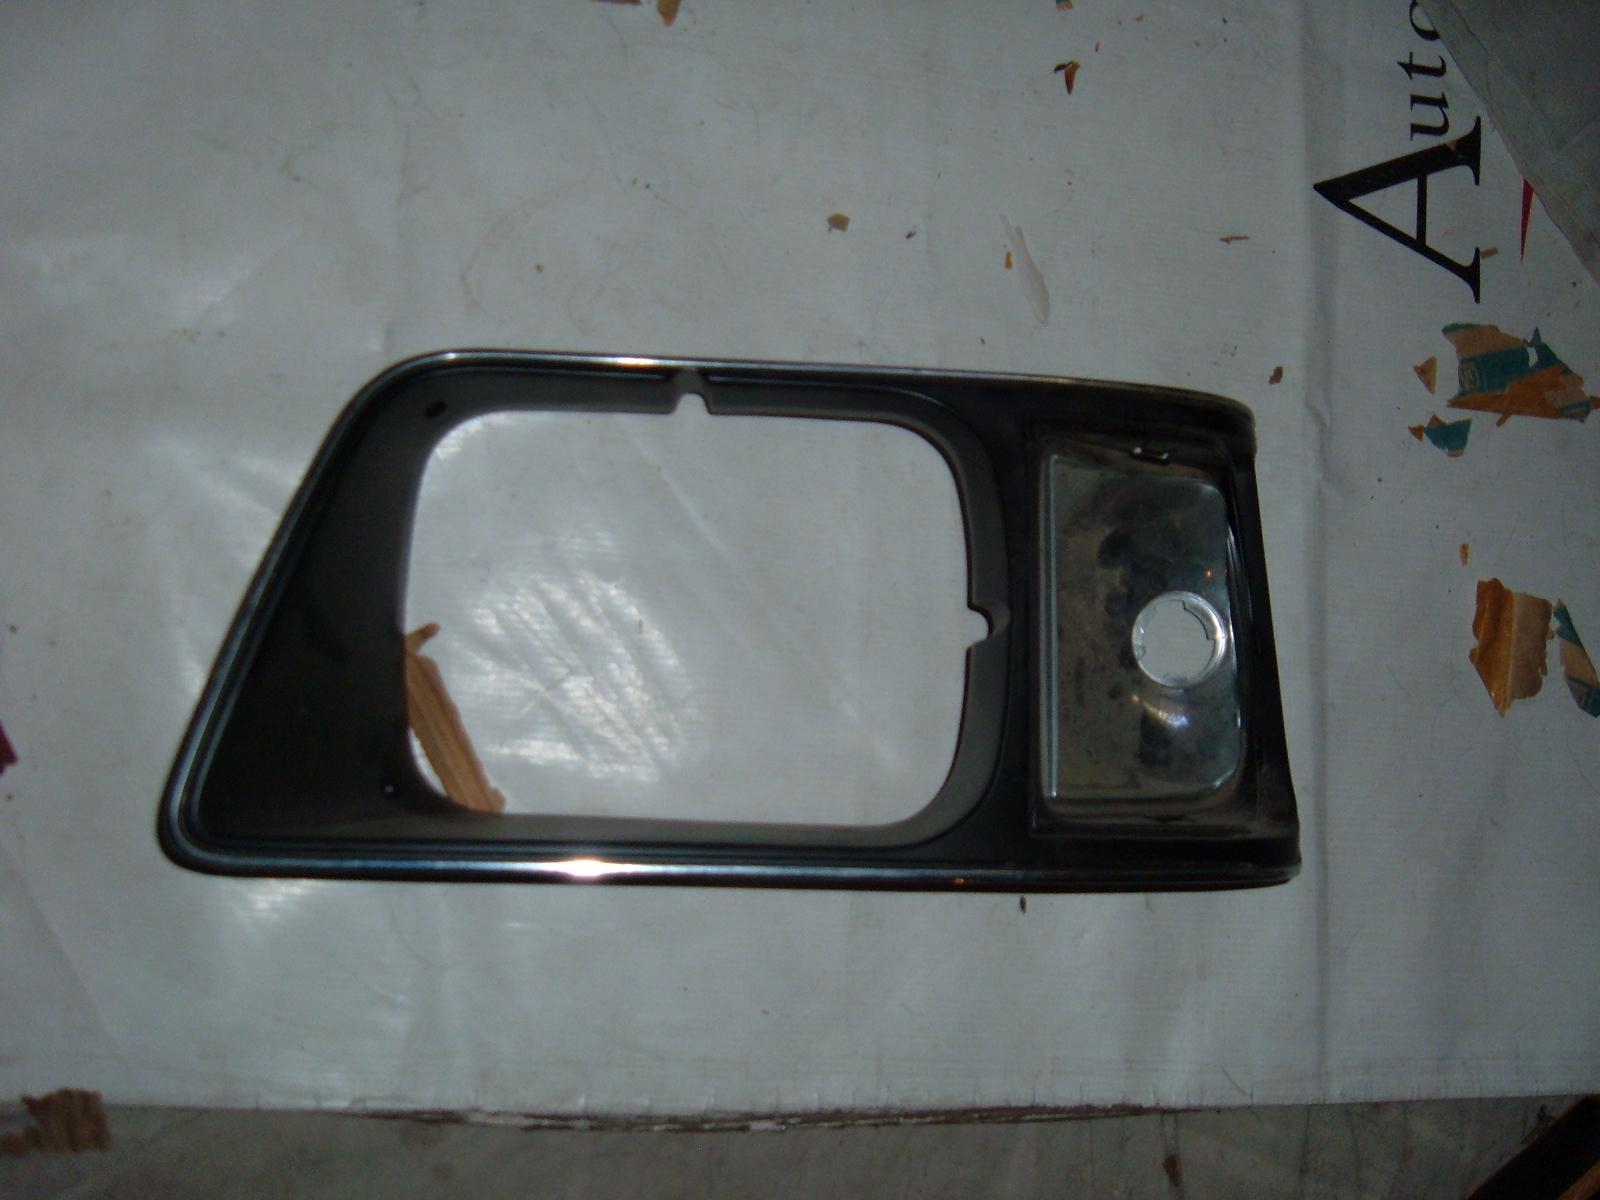 1985 86 87 88 89 dodge aries headlight door nos 4388007 (z 4388007)